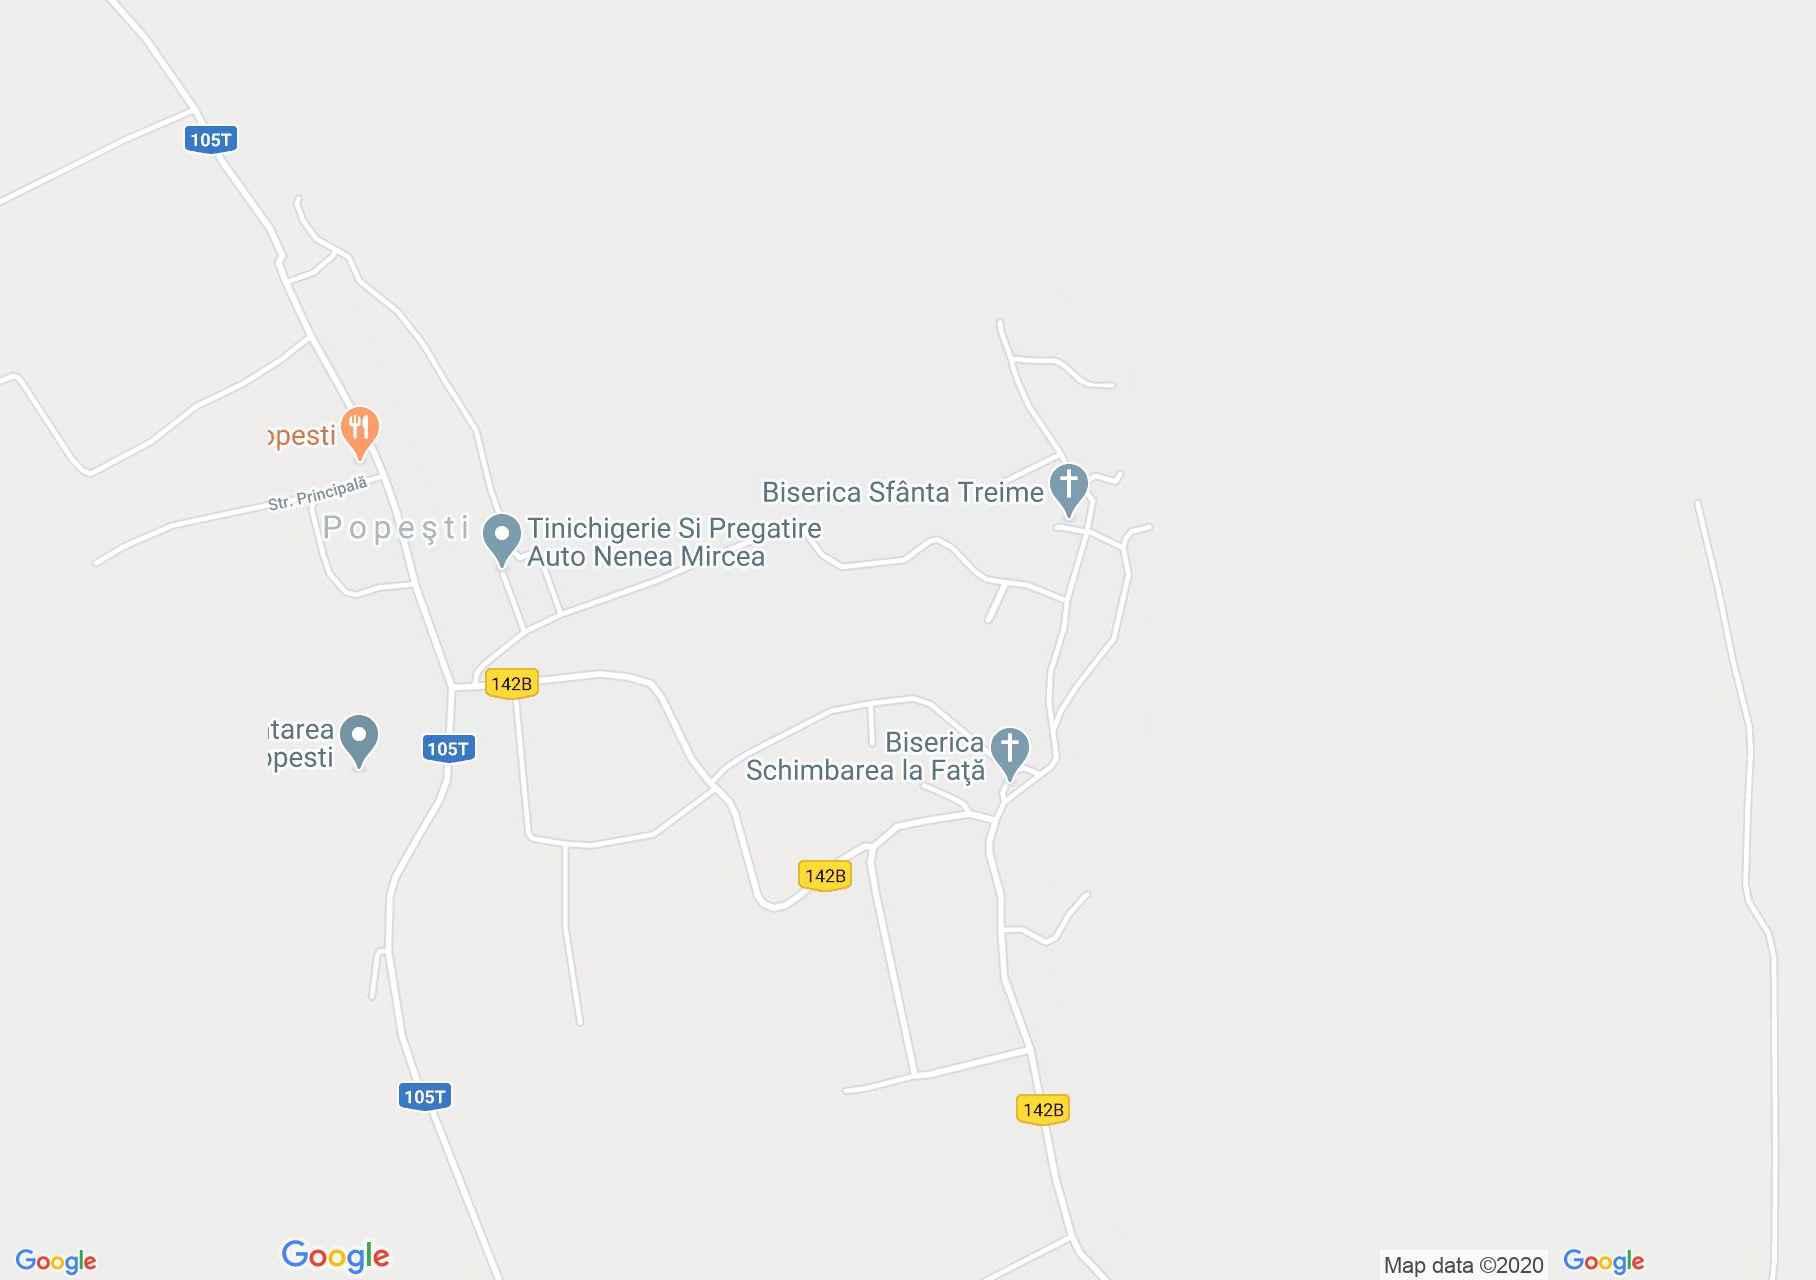 Nádaspapfalva interaktív turista térképe.